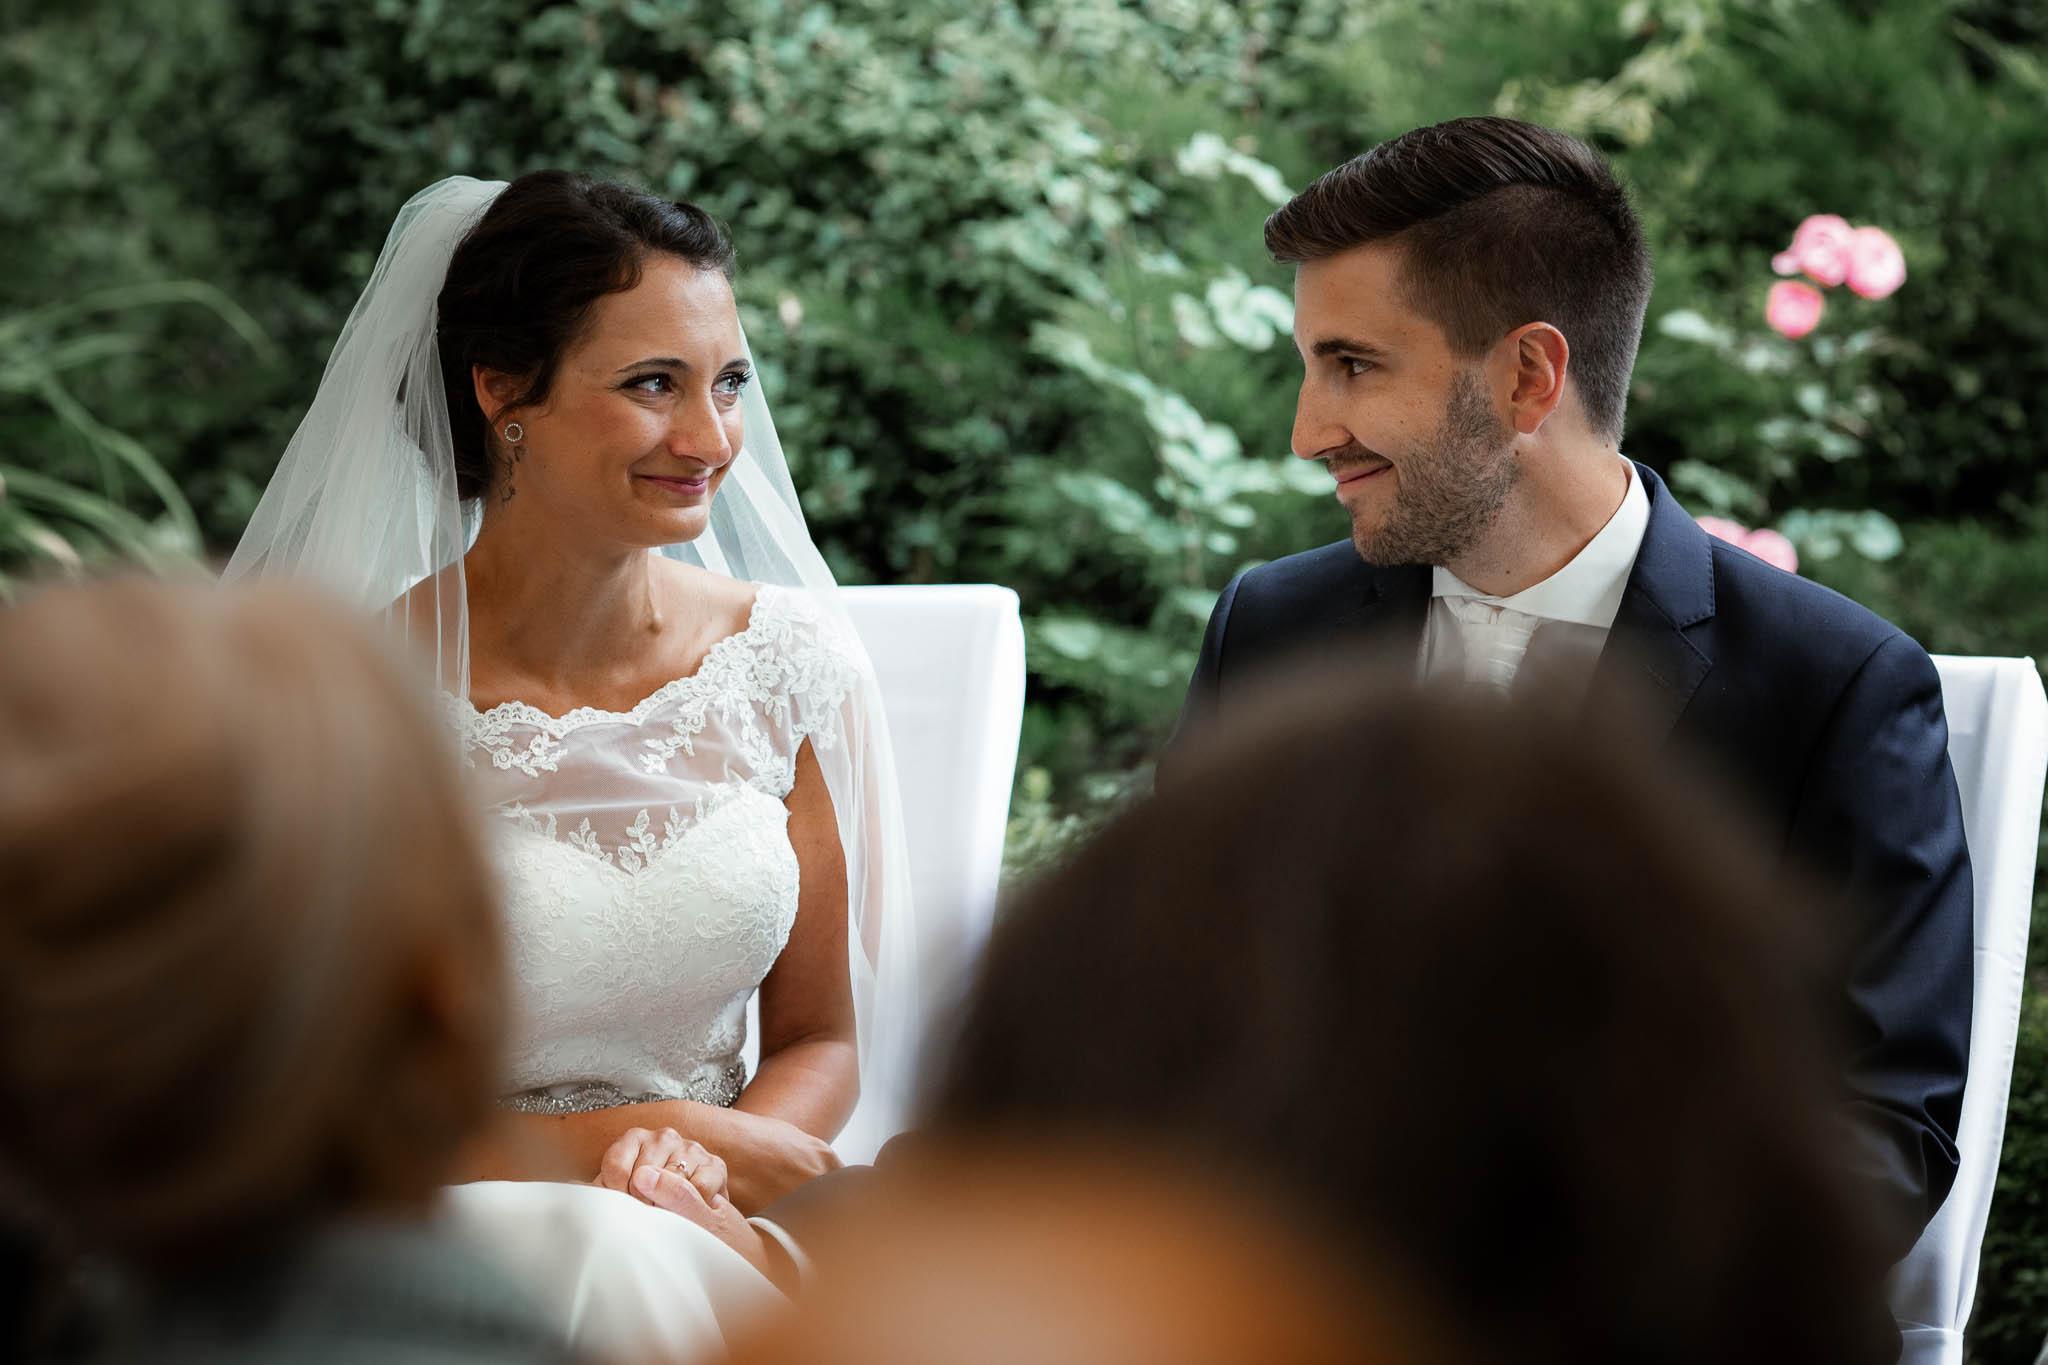 Hochzeitsfotograf Monzernheim: freie Trauung von Sarah & Patrick 31